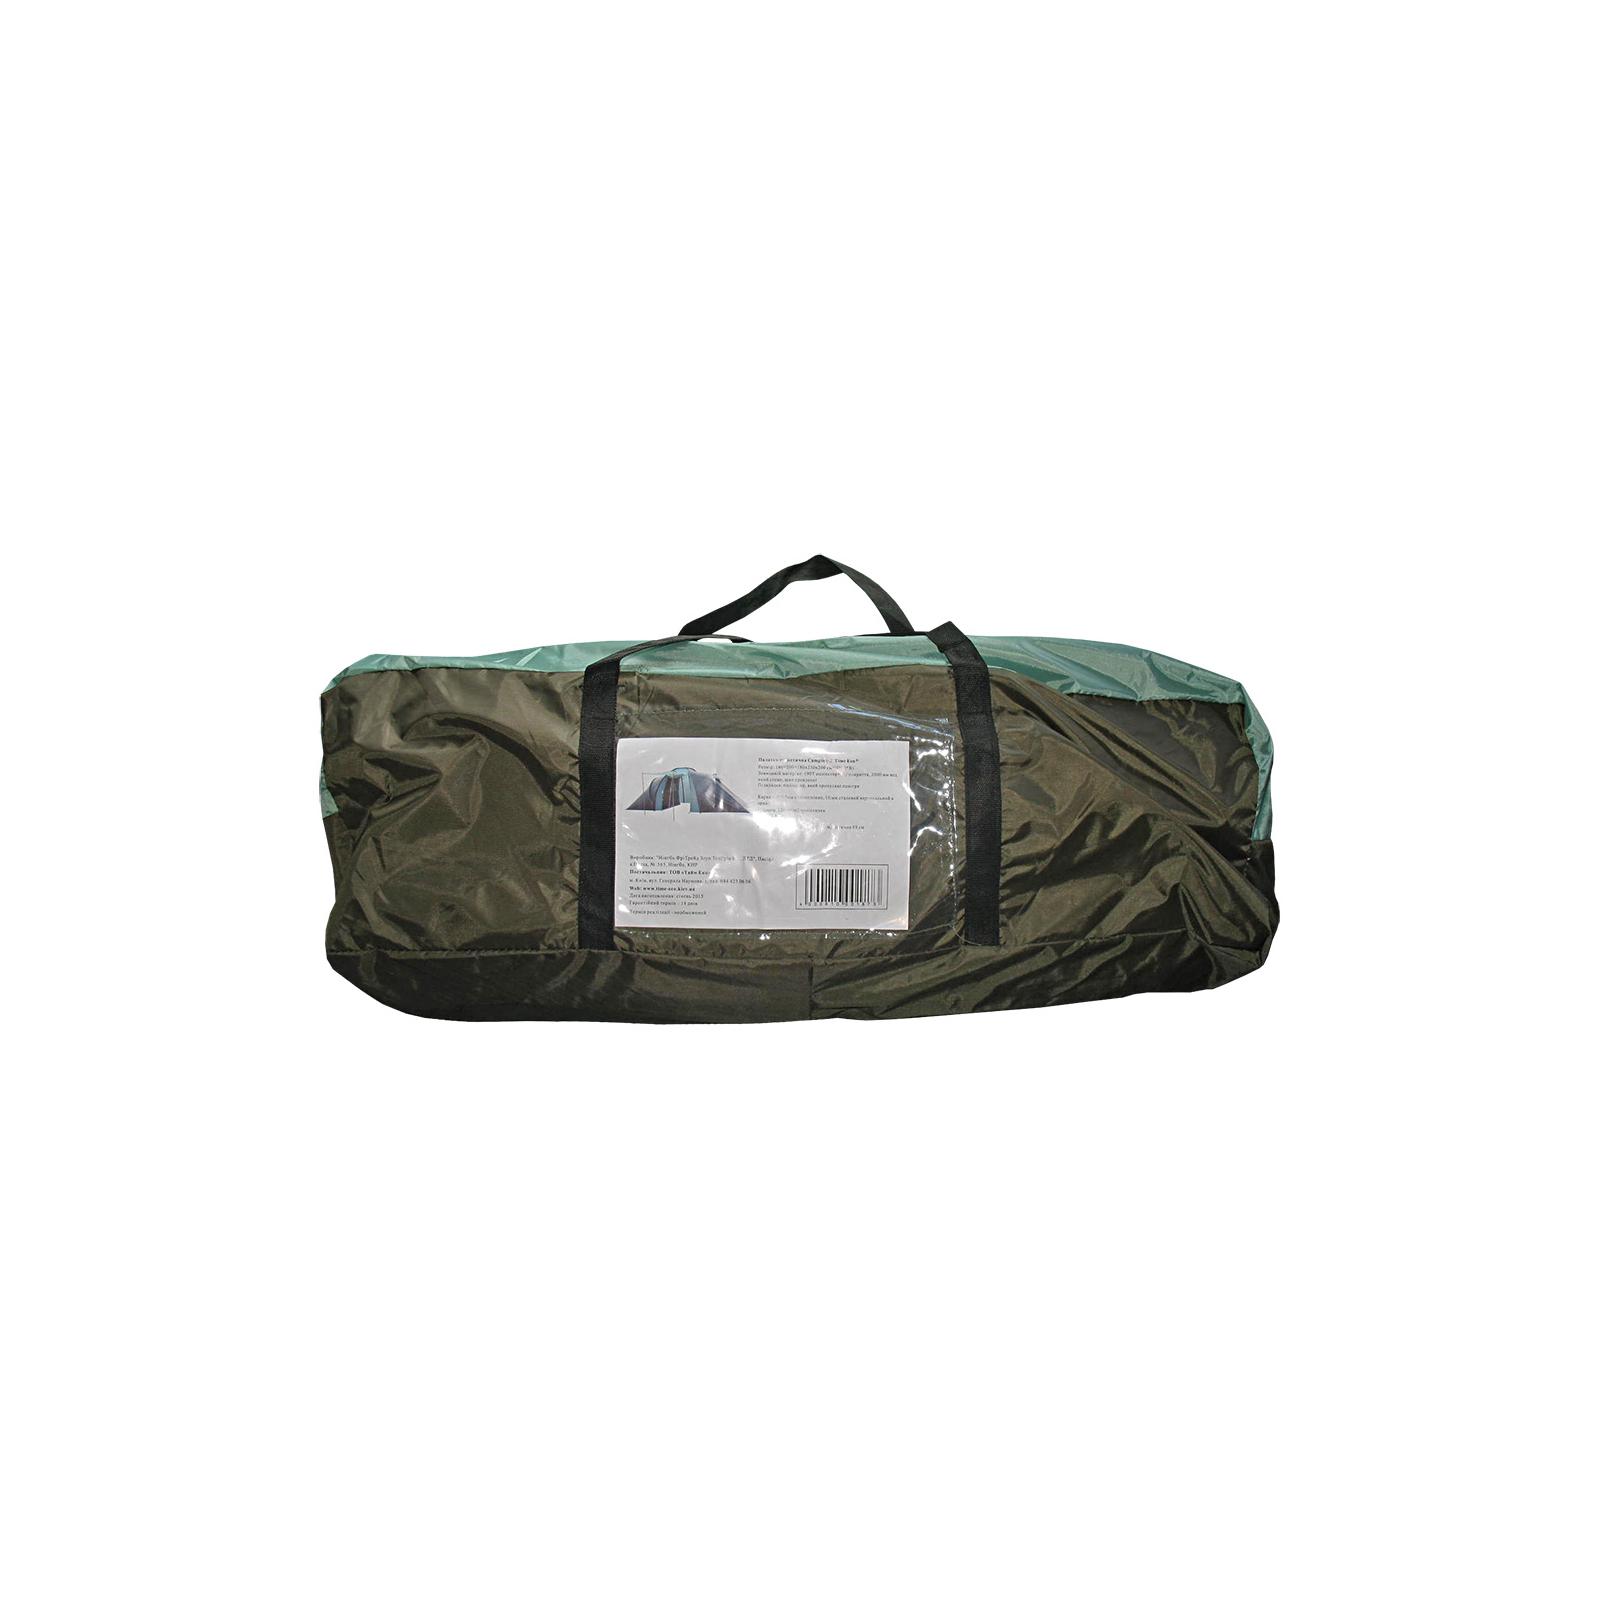 Палатка Time Eco Camping-6 изображение 5